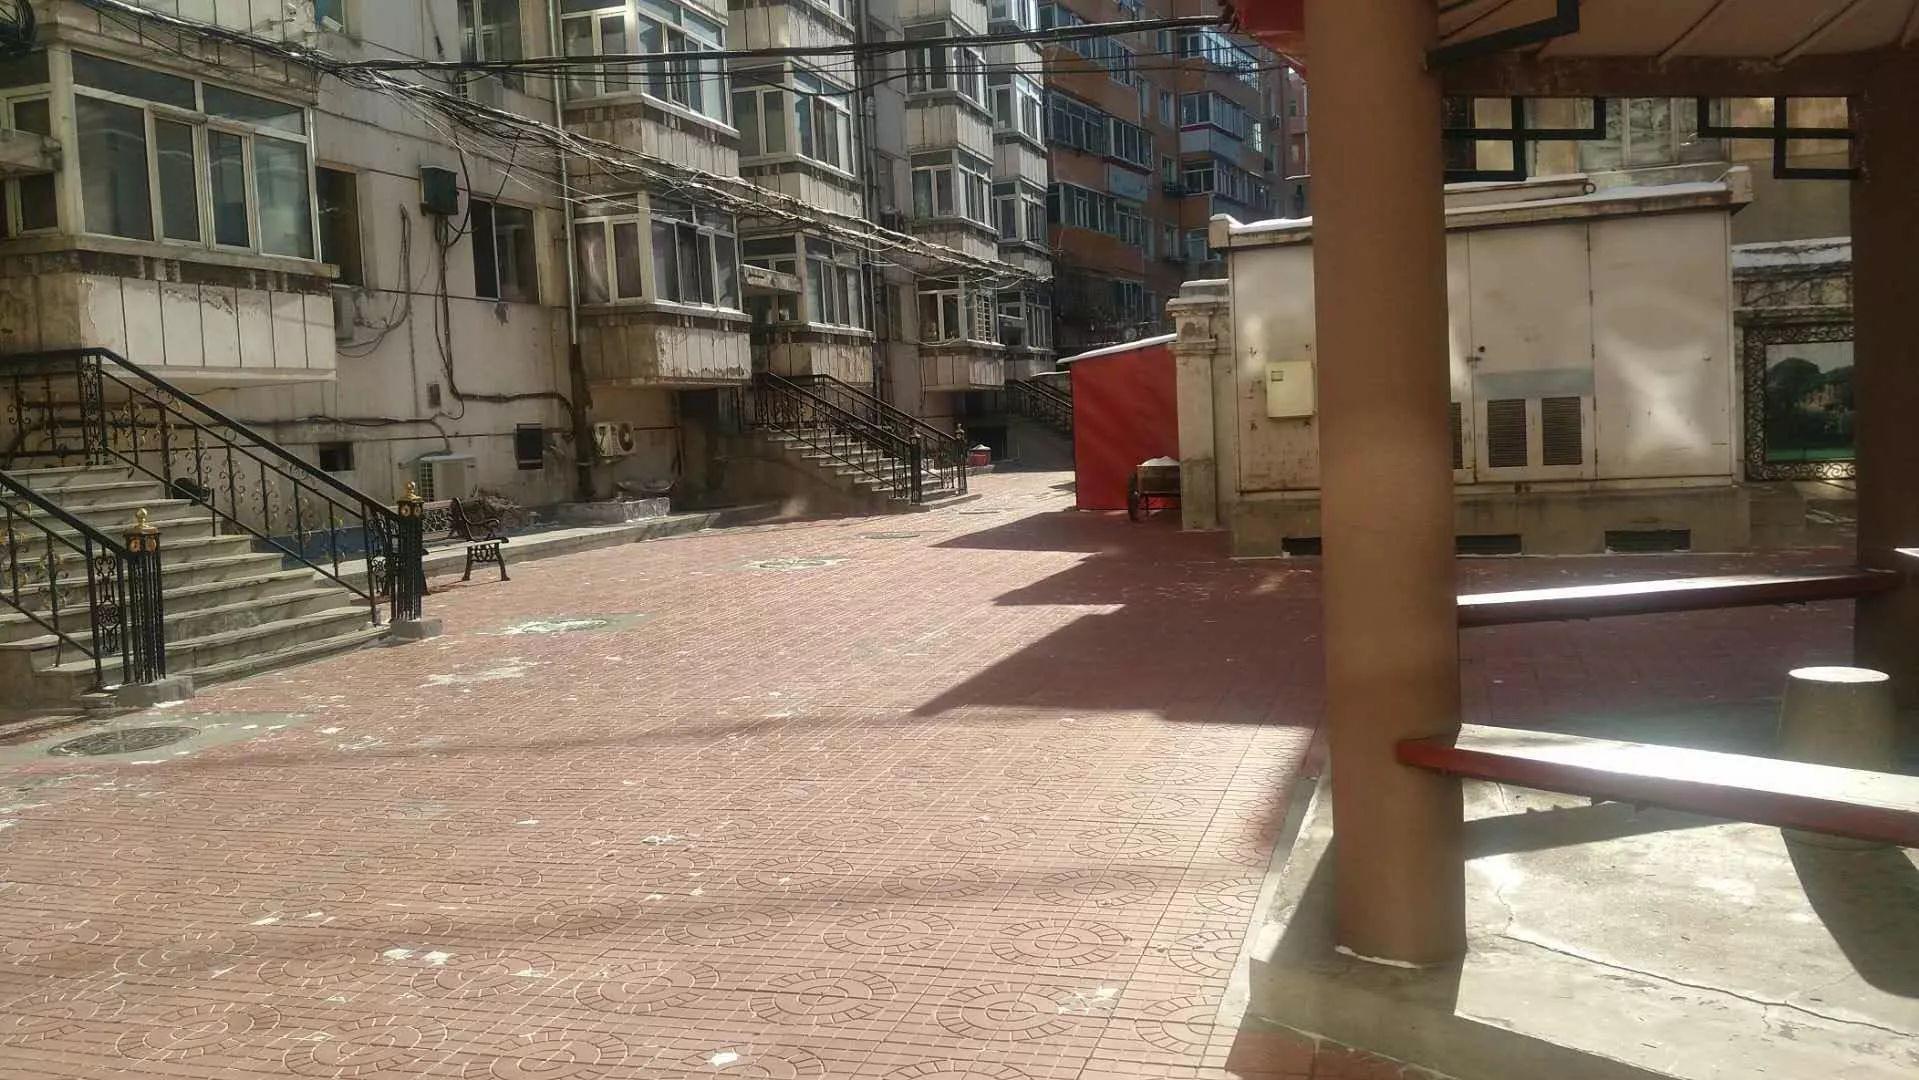 果戈里 果戈里永和街电力小区 1室 1厅 46平米 出售